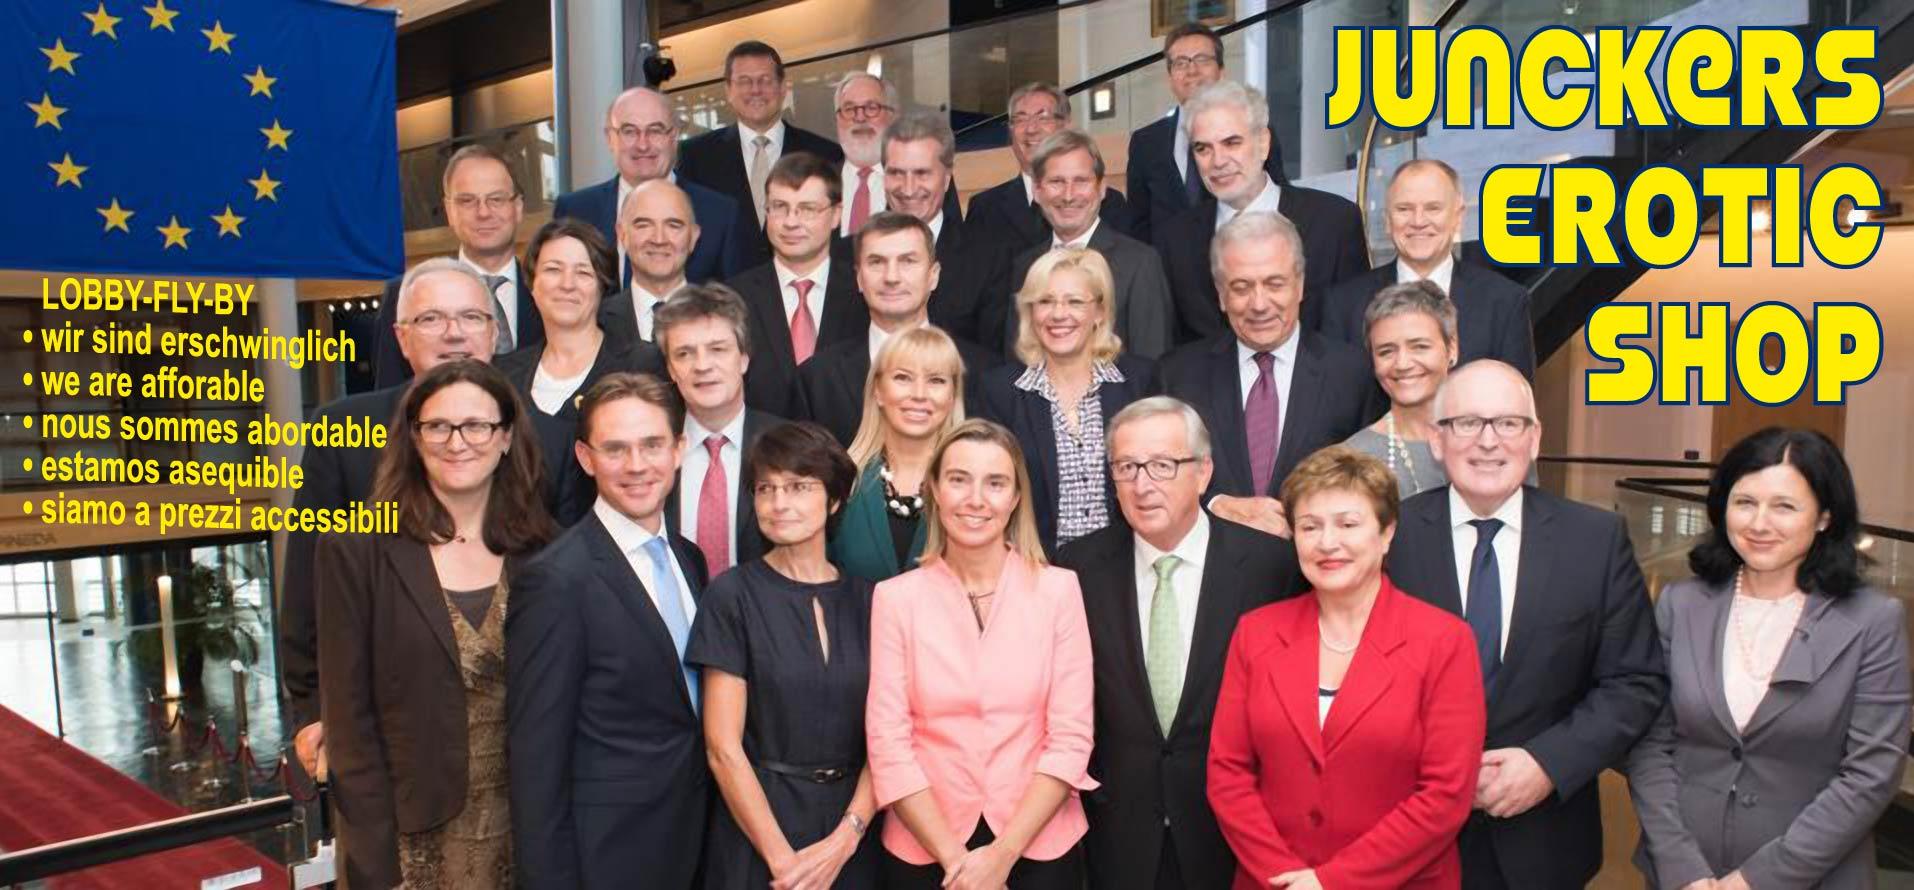 EU-Kommission will Wochenanfang auf Donnerstag verlegen Jean-Claude Juncker EU Kommission family shot Bruessel shopping erschwinglich erfordable europa eurotic shop qpress